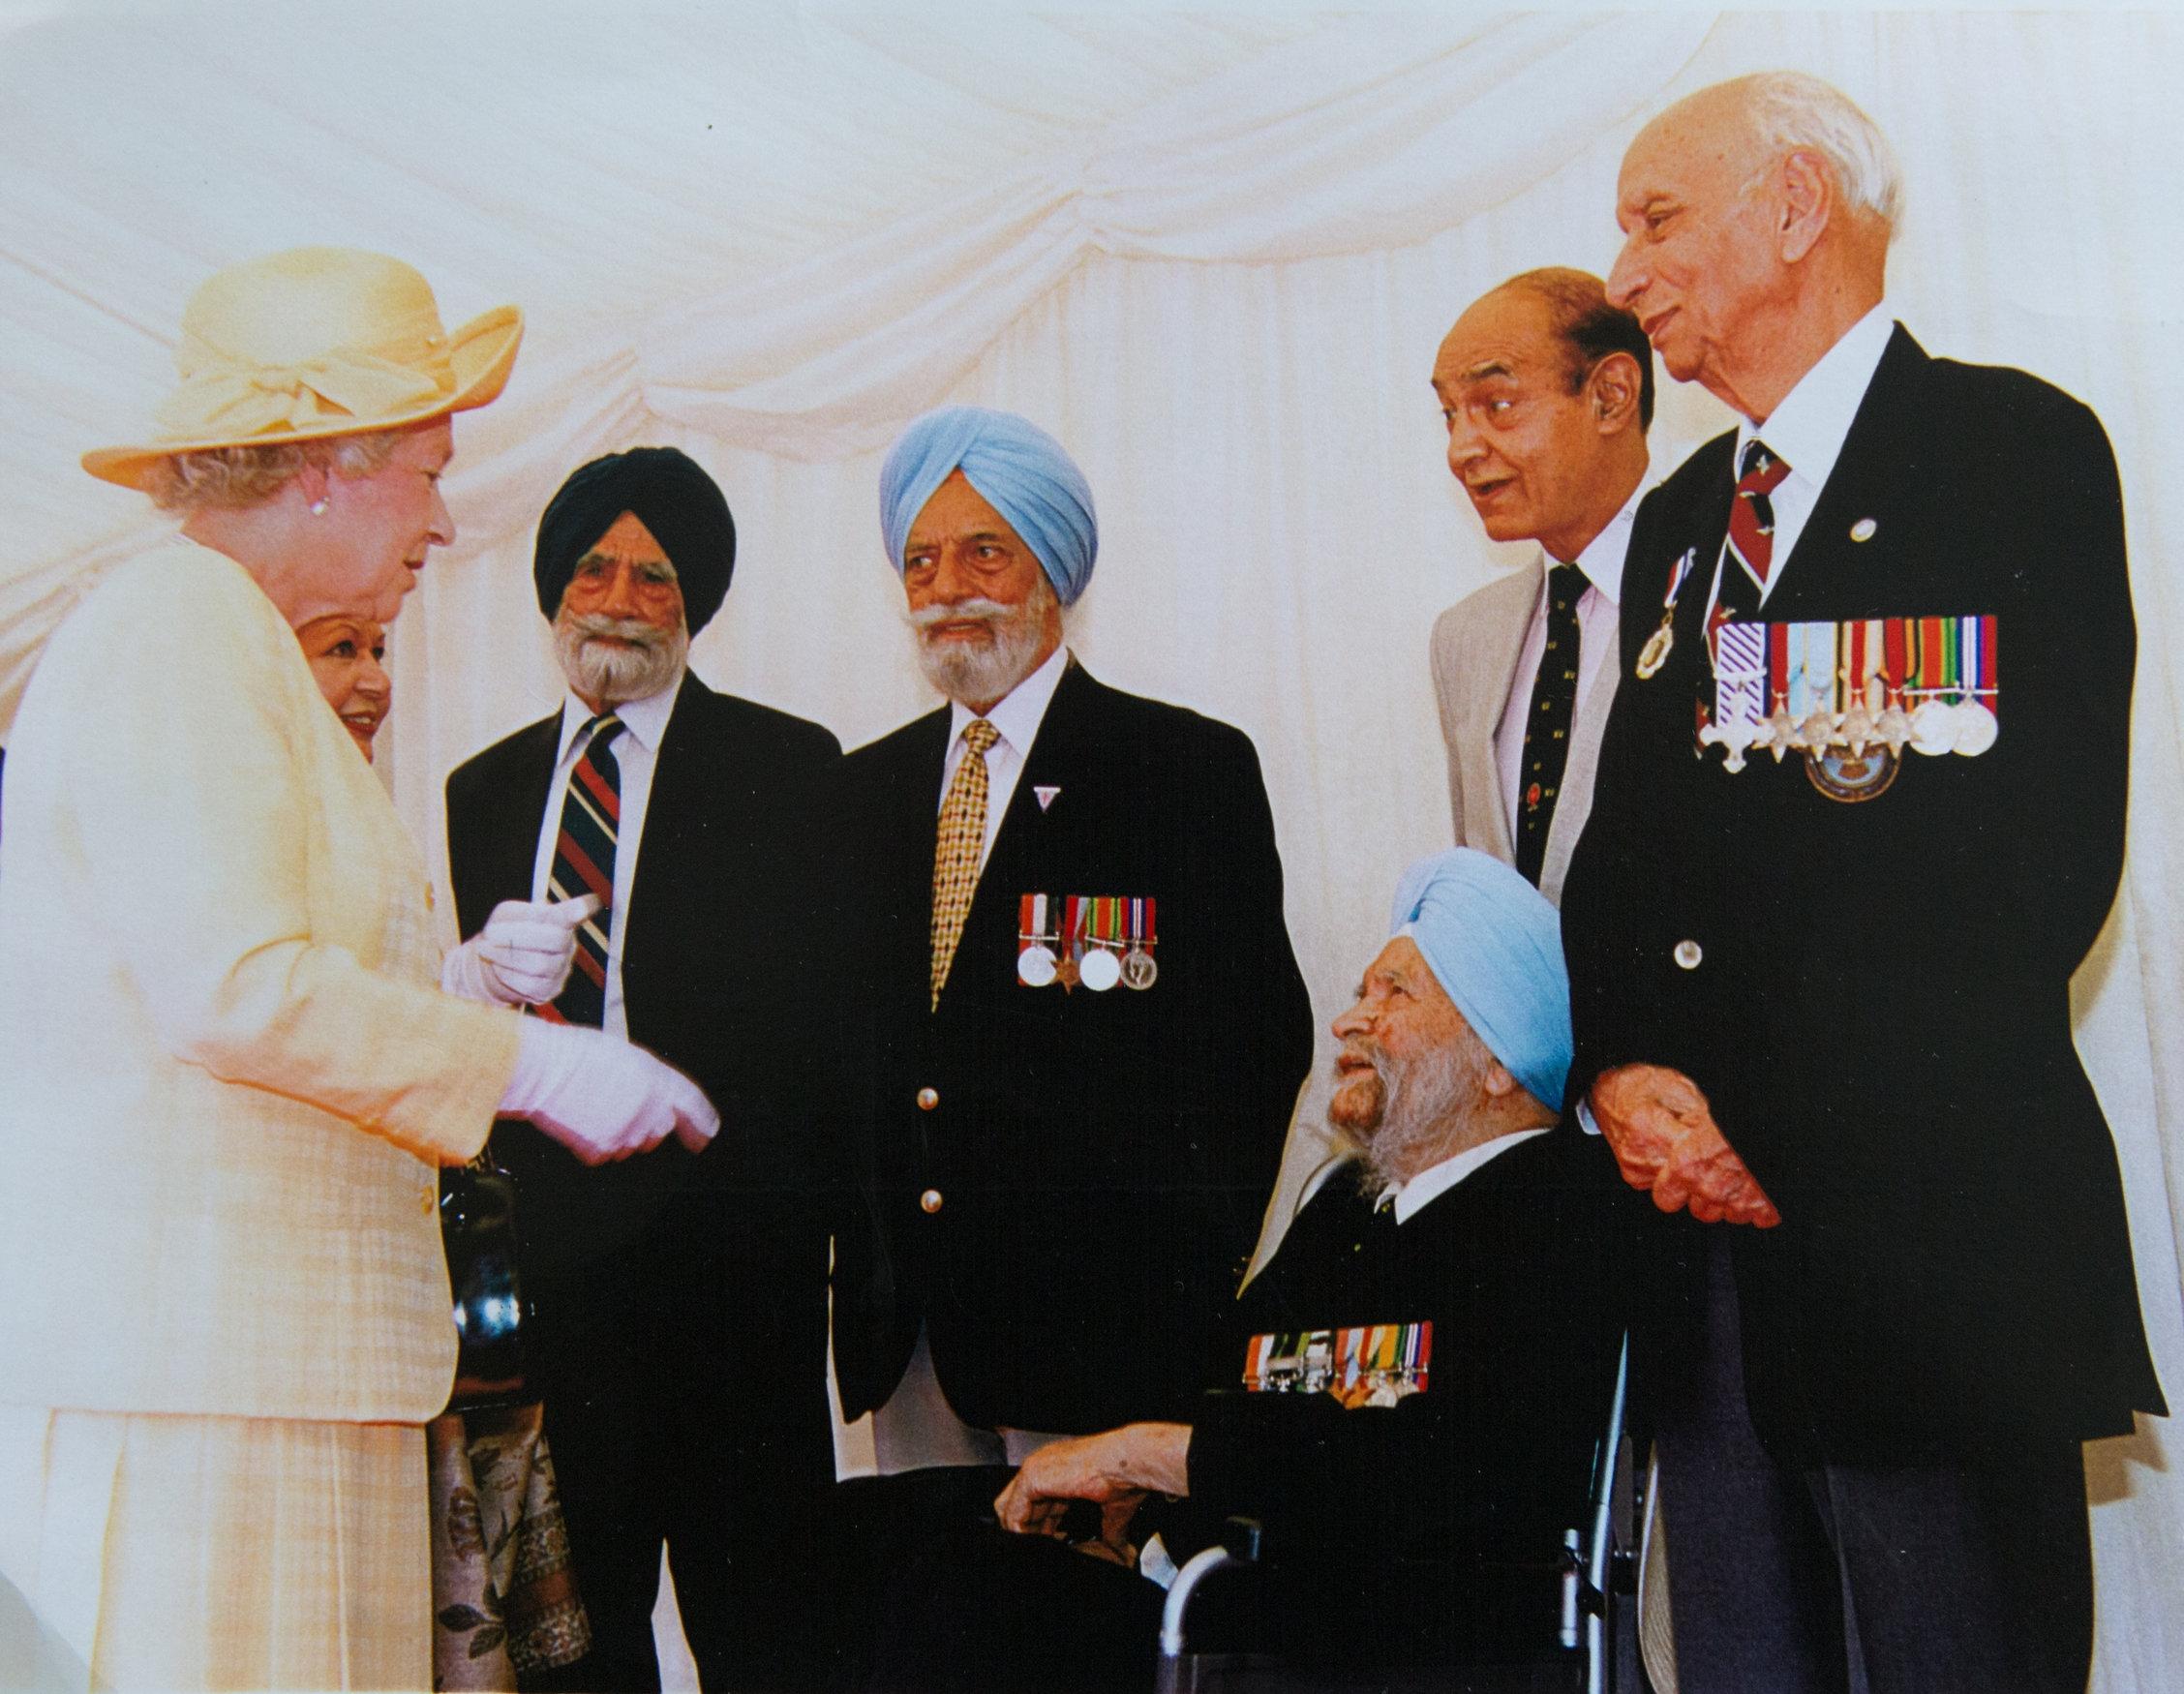 The Queen meets heroes